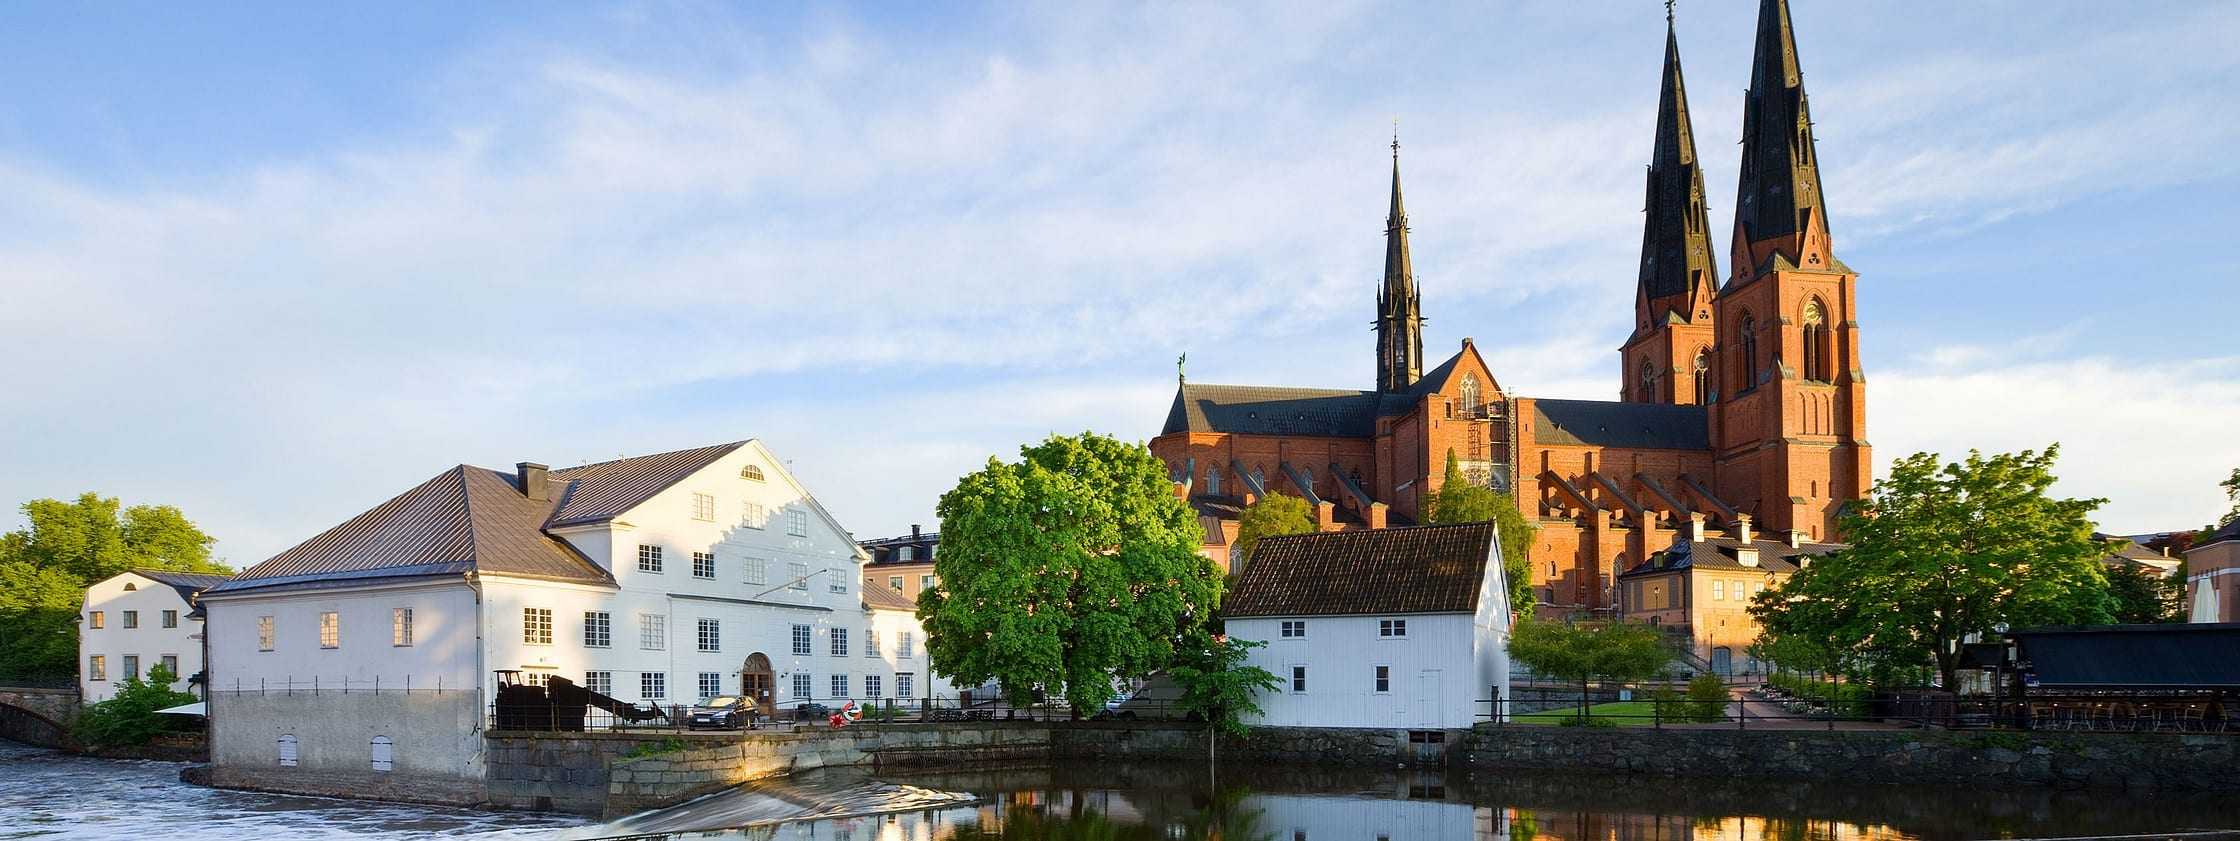 Naprapatlandslaget öppnar I Uppsala!